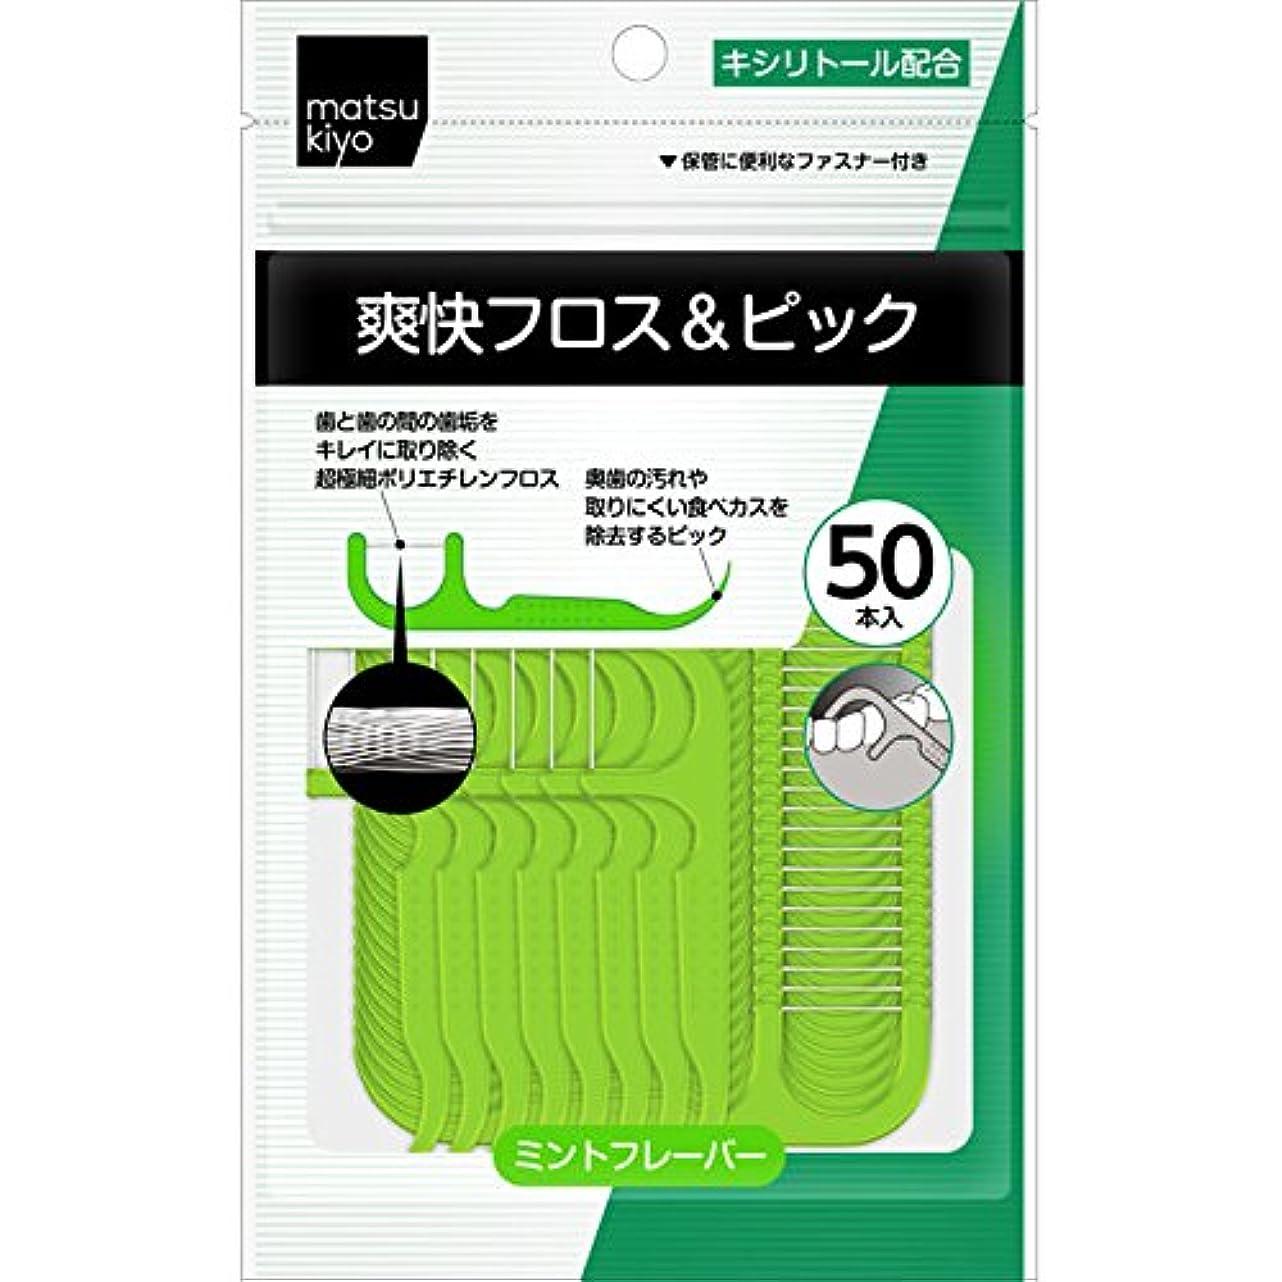 ベーカリー気配りのある辞書matsukiyo 爽快フロス&ピック 50本